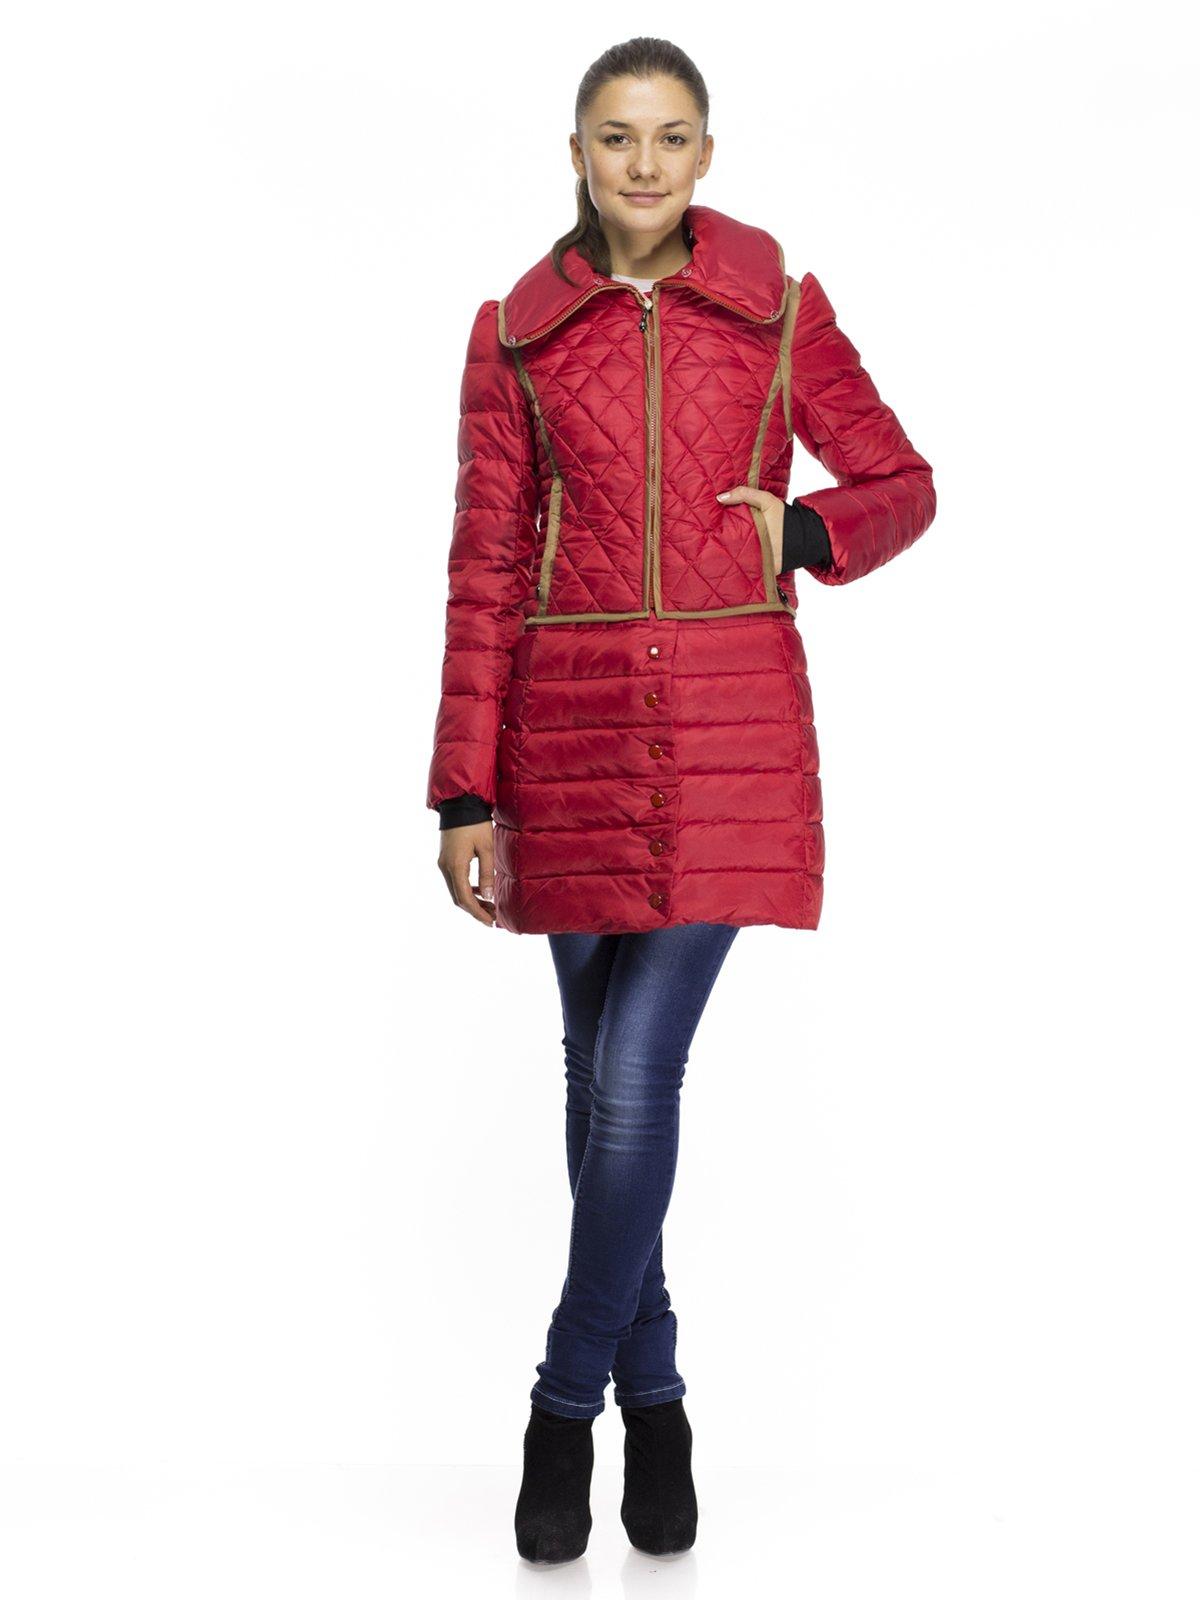 Пальто-трансформер красное пуховое | 254376